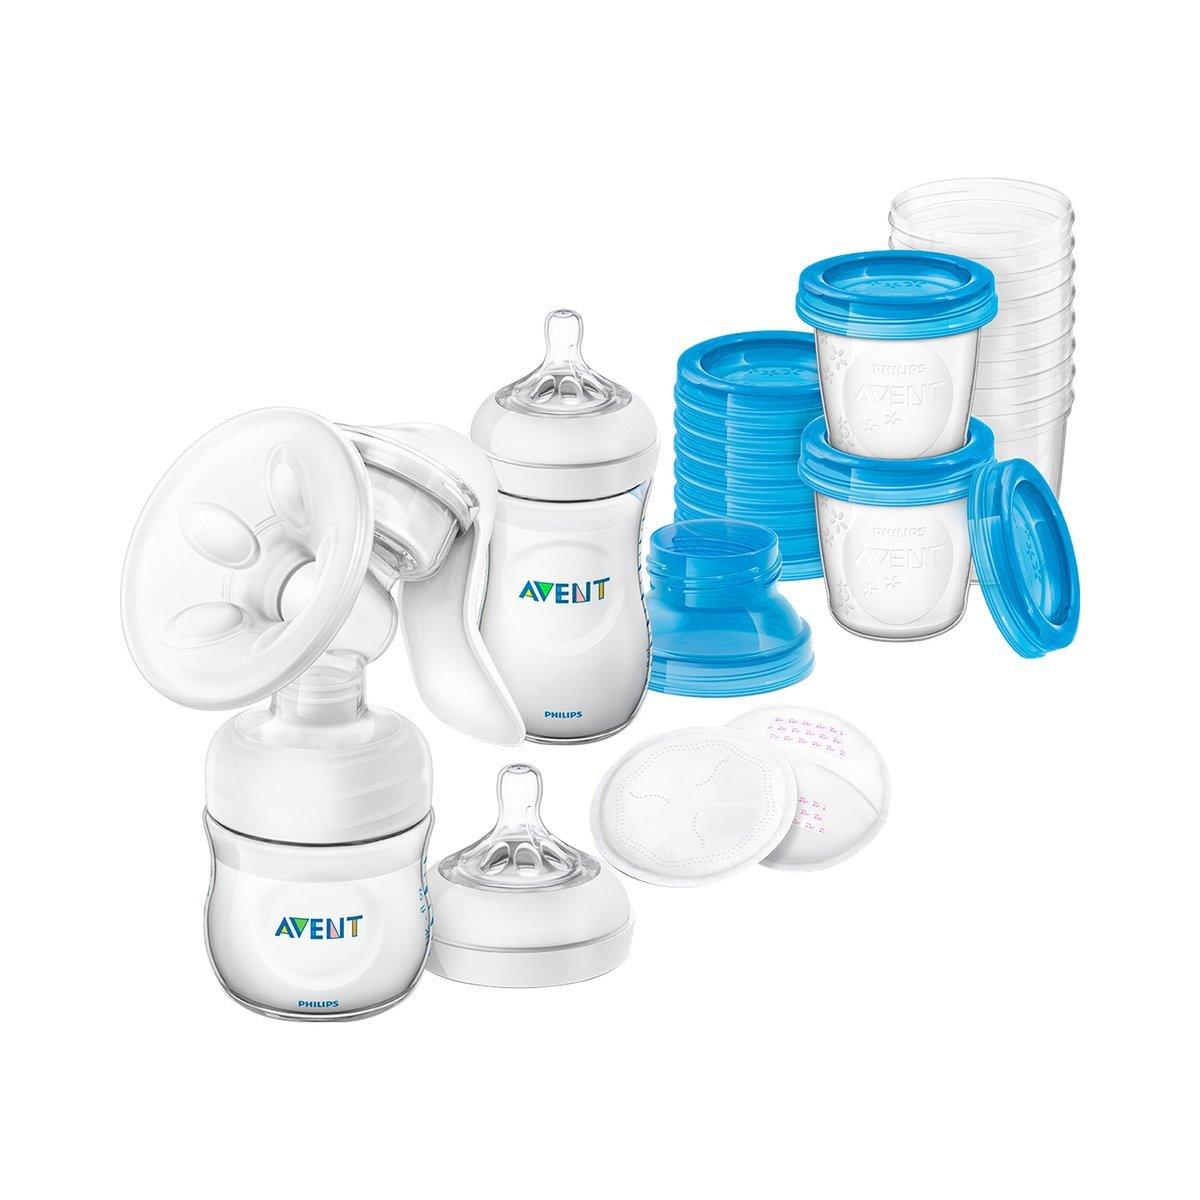 PHILIPS AVENT Still-Set mit Handmilchpumpe - SCD221-00 - inkl. Naturnah-Flasche - Aufbewahrungsbechern und Stilleinlagen